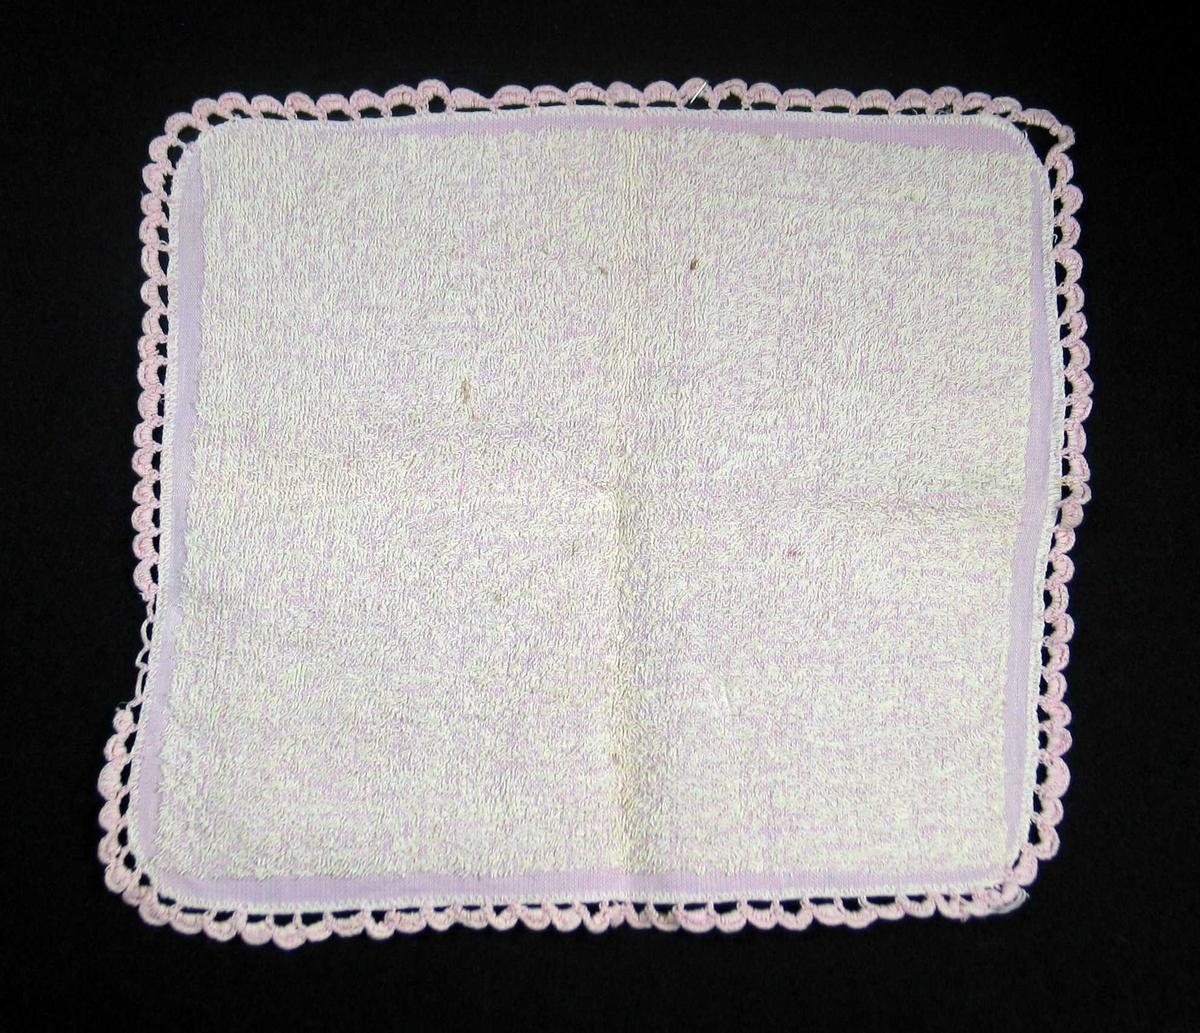 Rosa vaskeklut i bomullsfrotté. Den er lik på begge sider og er maskinoverkastet på alle sider. Kluten har en heklet åpen tungekant av rosa bomullsgarn som danner hempe i det ene hjørnet, ikke fullført.